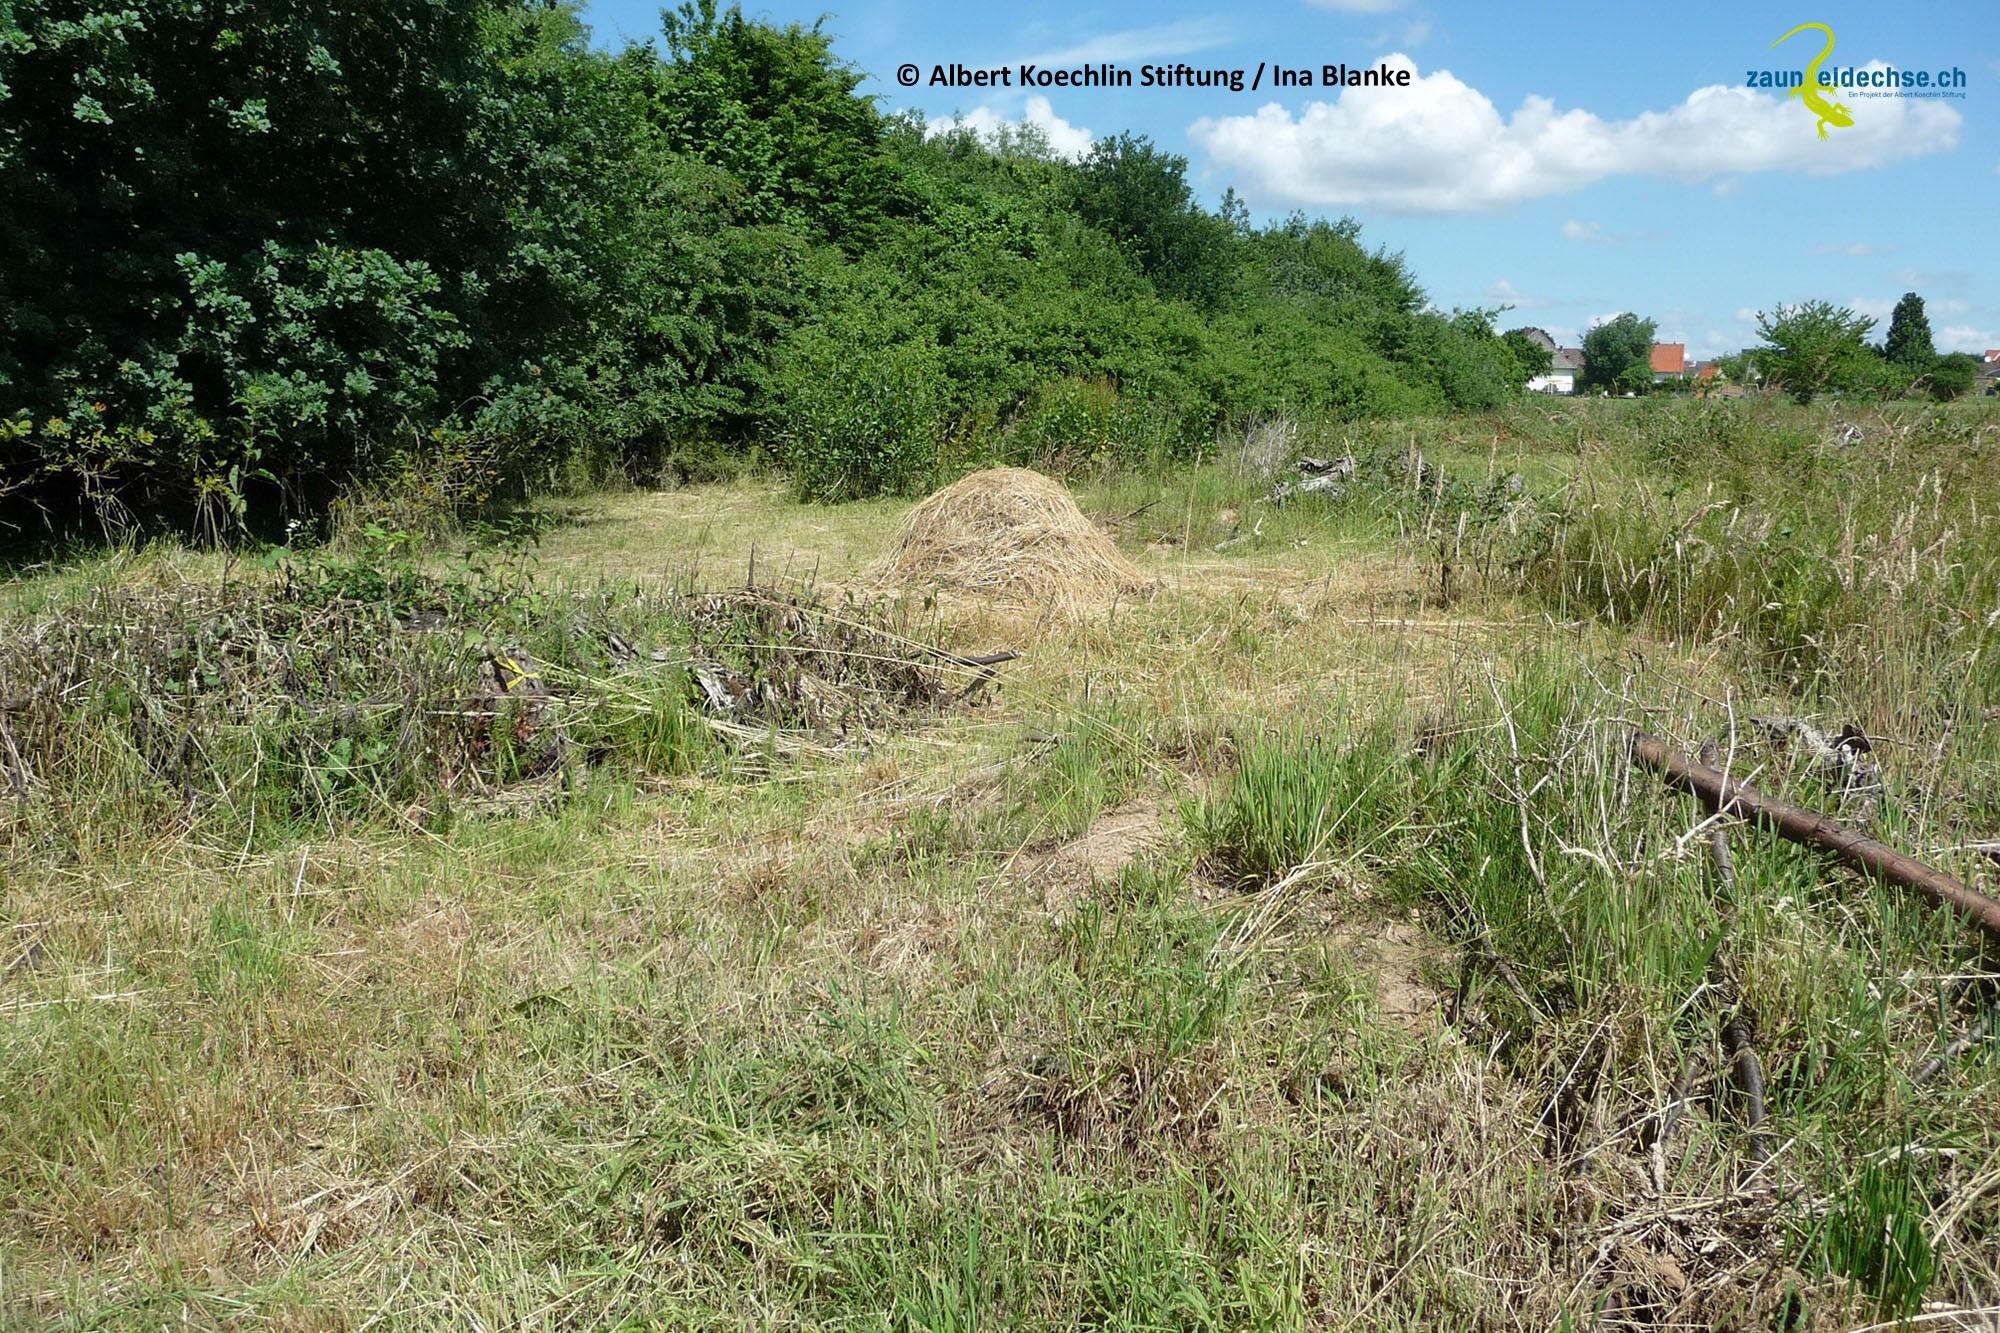 Beispiel eines für Eidechsen idealen Waldrandbereichs. Der breite Übergang vom Strauchgürtel des Waldes ins Kulturland wird charakterisiert durch ein Mosaik aus gestaffelt gemähten Grasbereichen, Gebüschen und Kleinstrukturen.